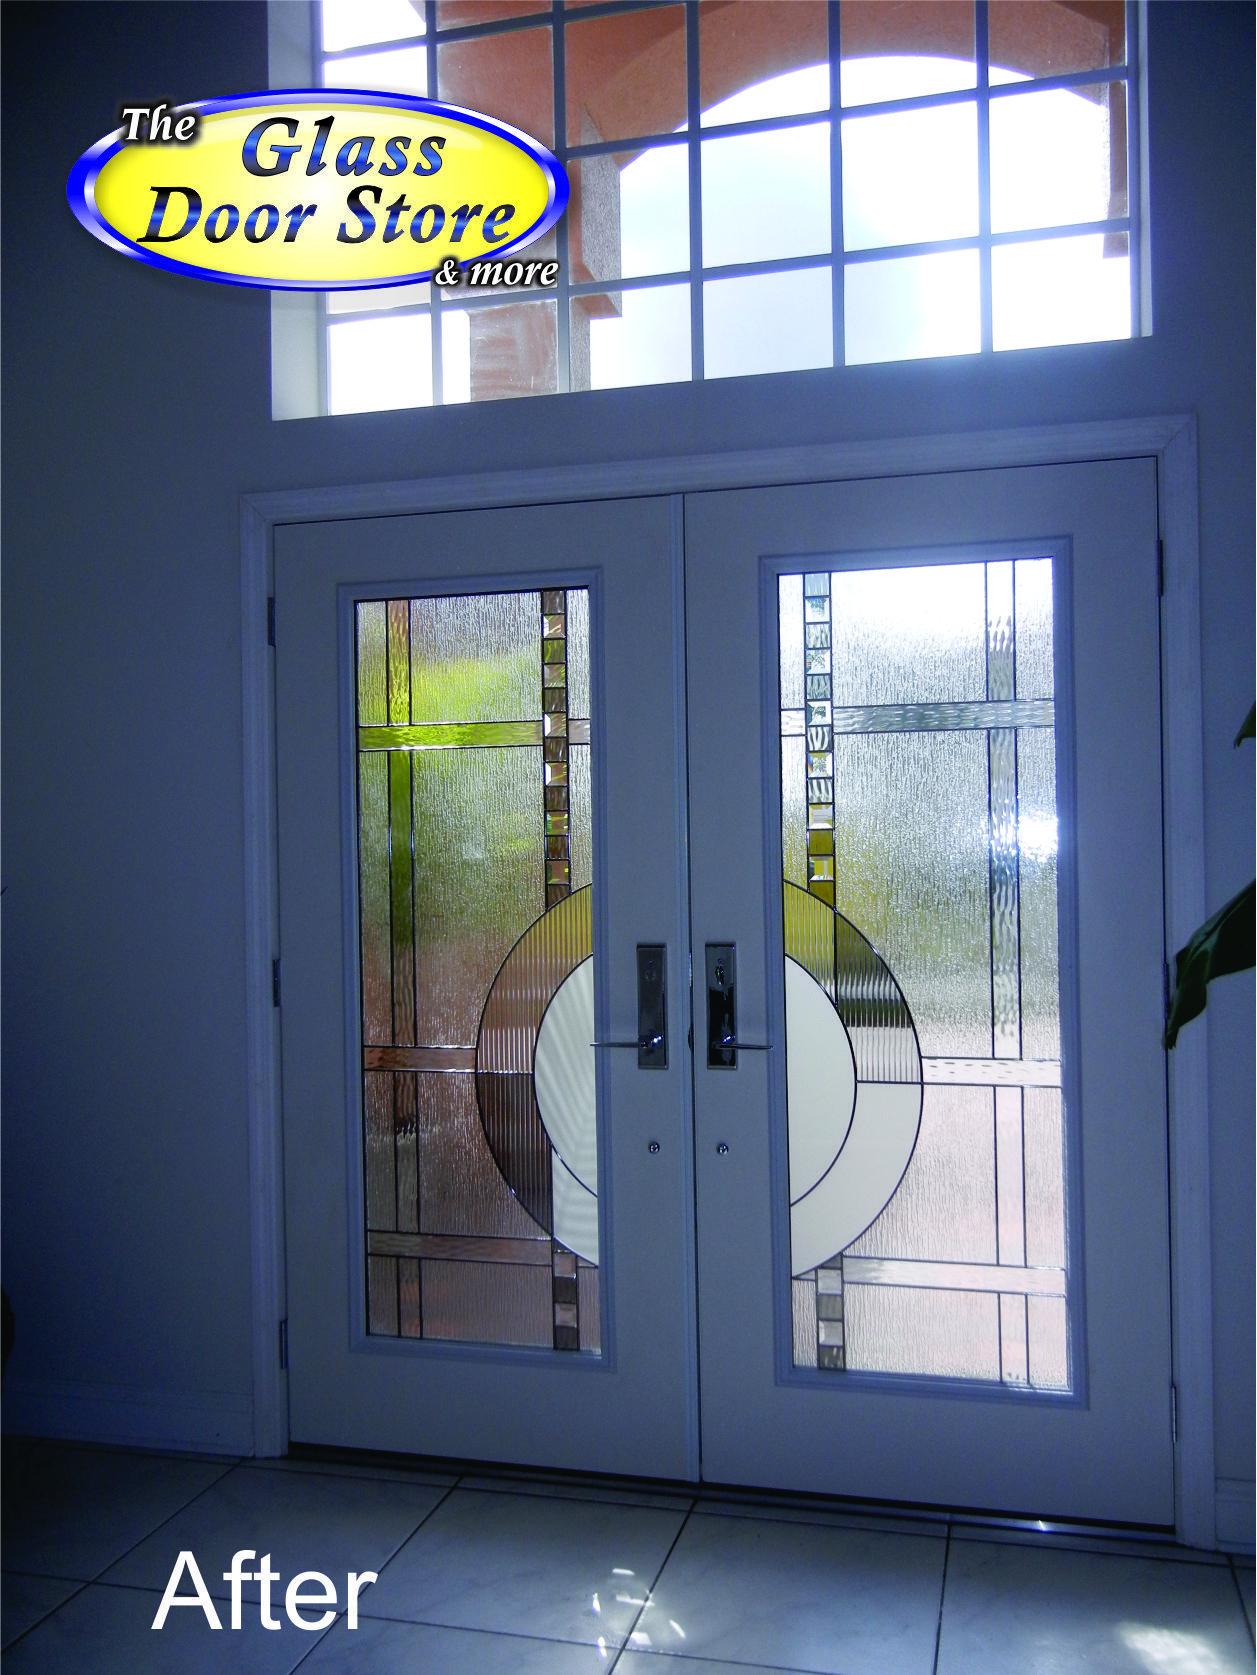 Modern Glass Door Inserts For Fiberglass Prehung Exterior Entry Doors Exterior Entry Doors Front Door Glass Insert Door Glass Inserts